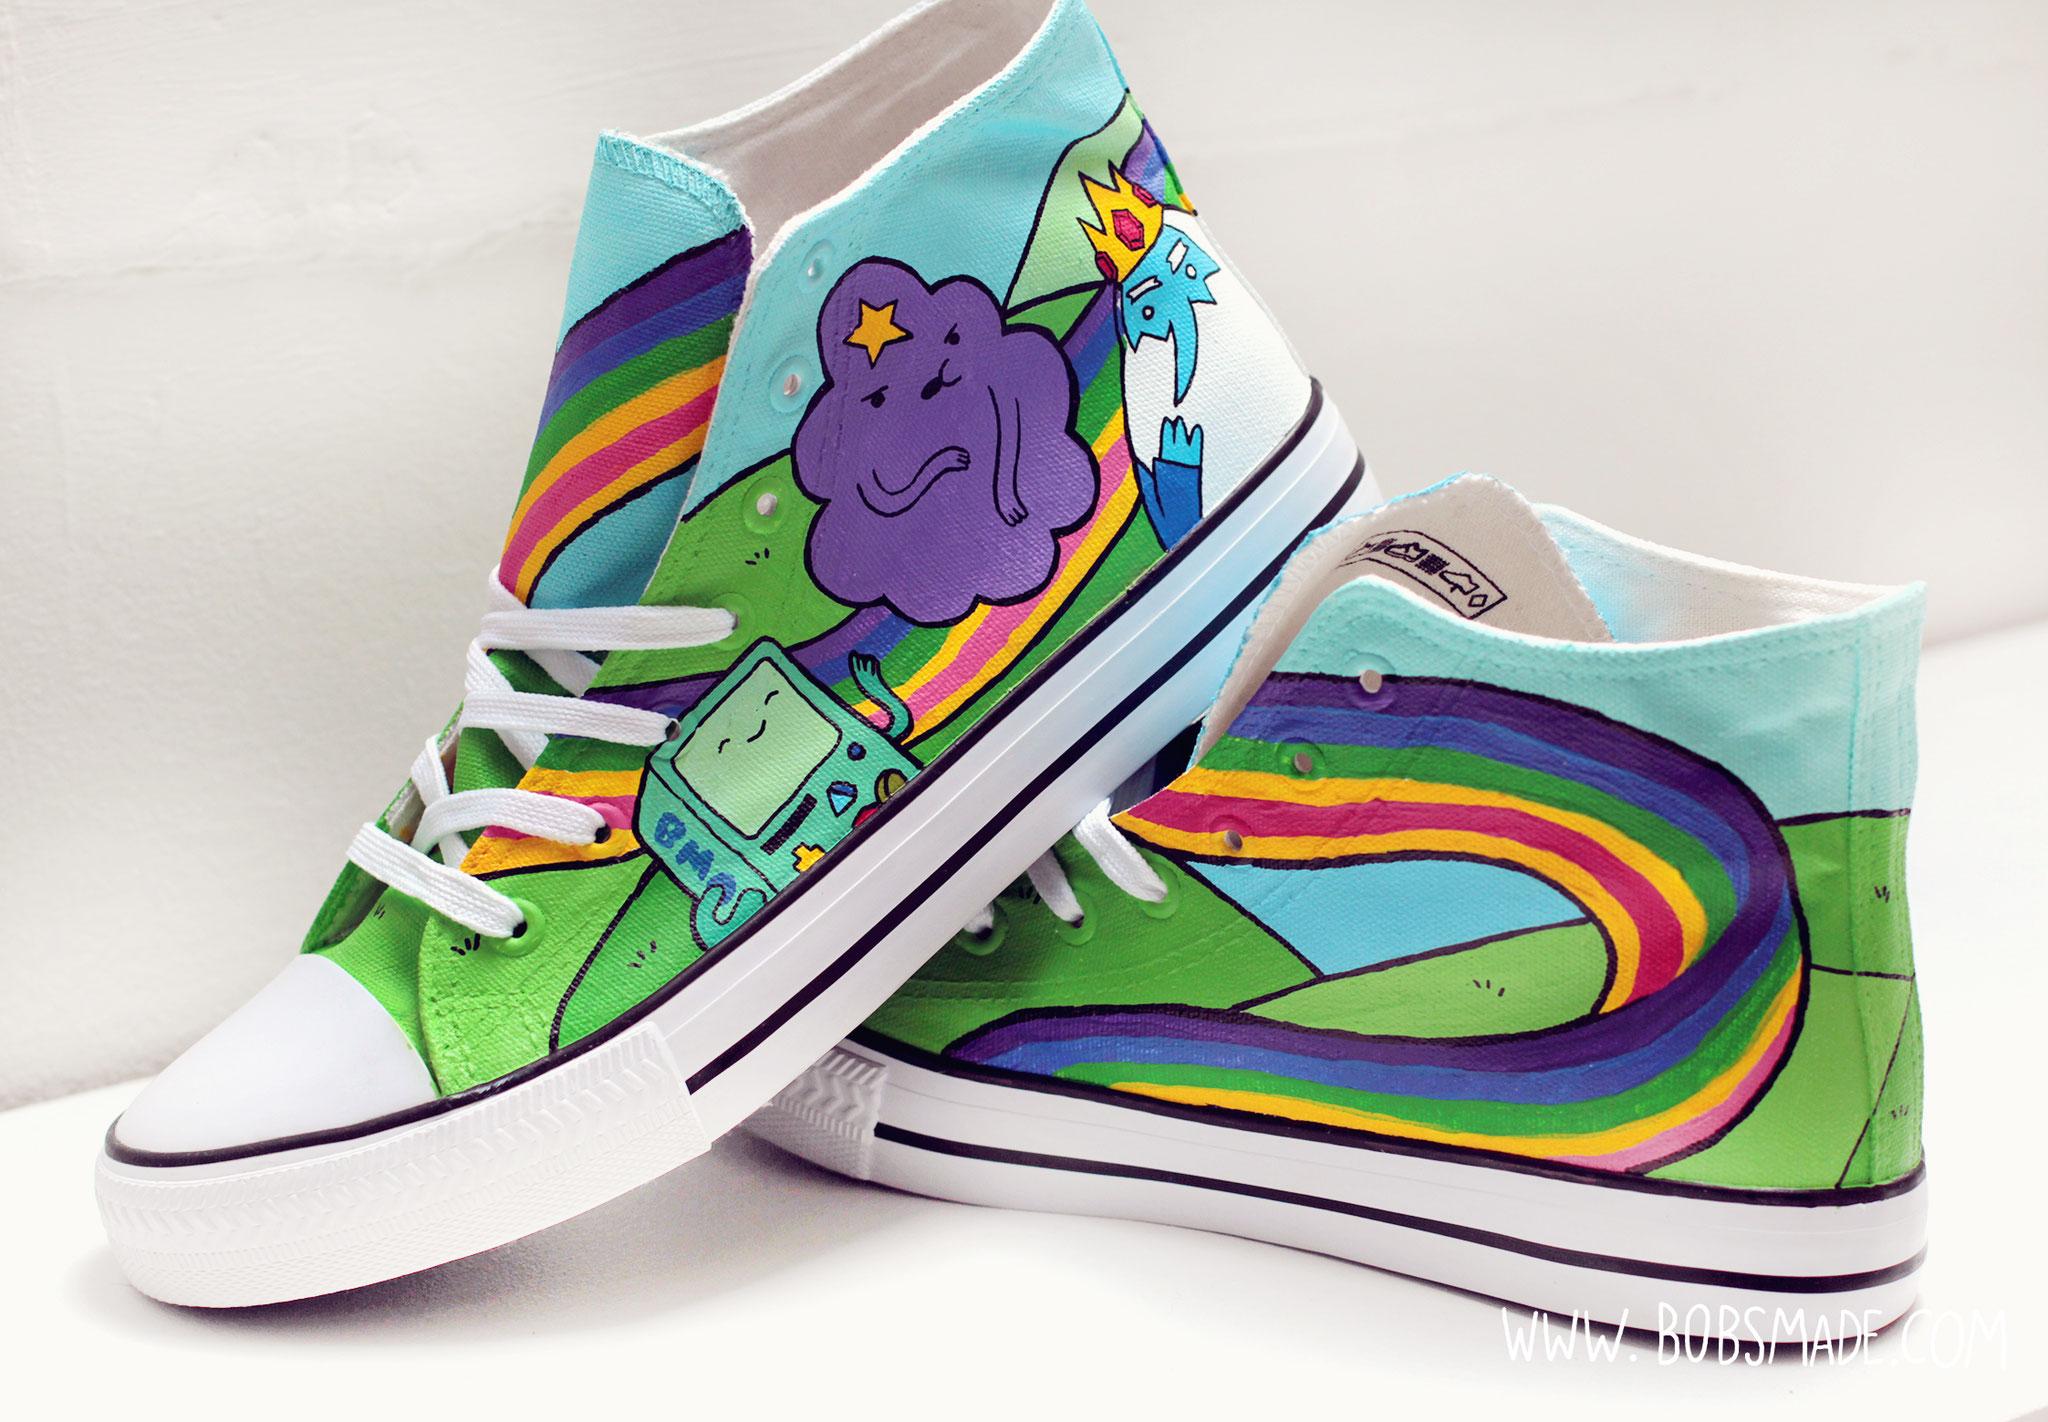 52c867833c Adventure Time Shoes - Art   Custom Design